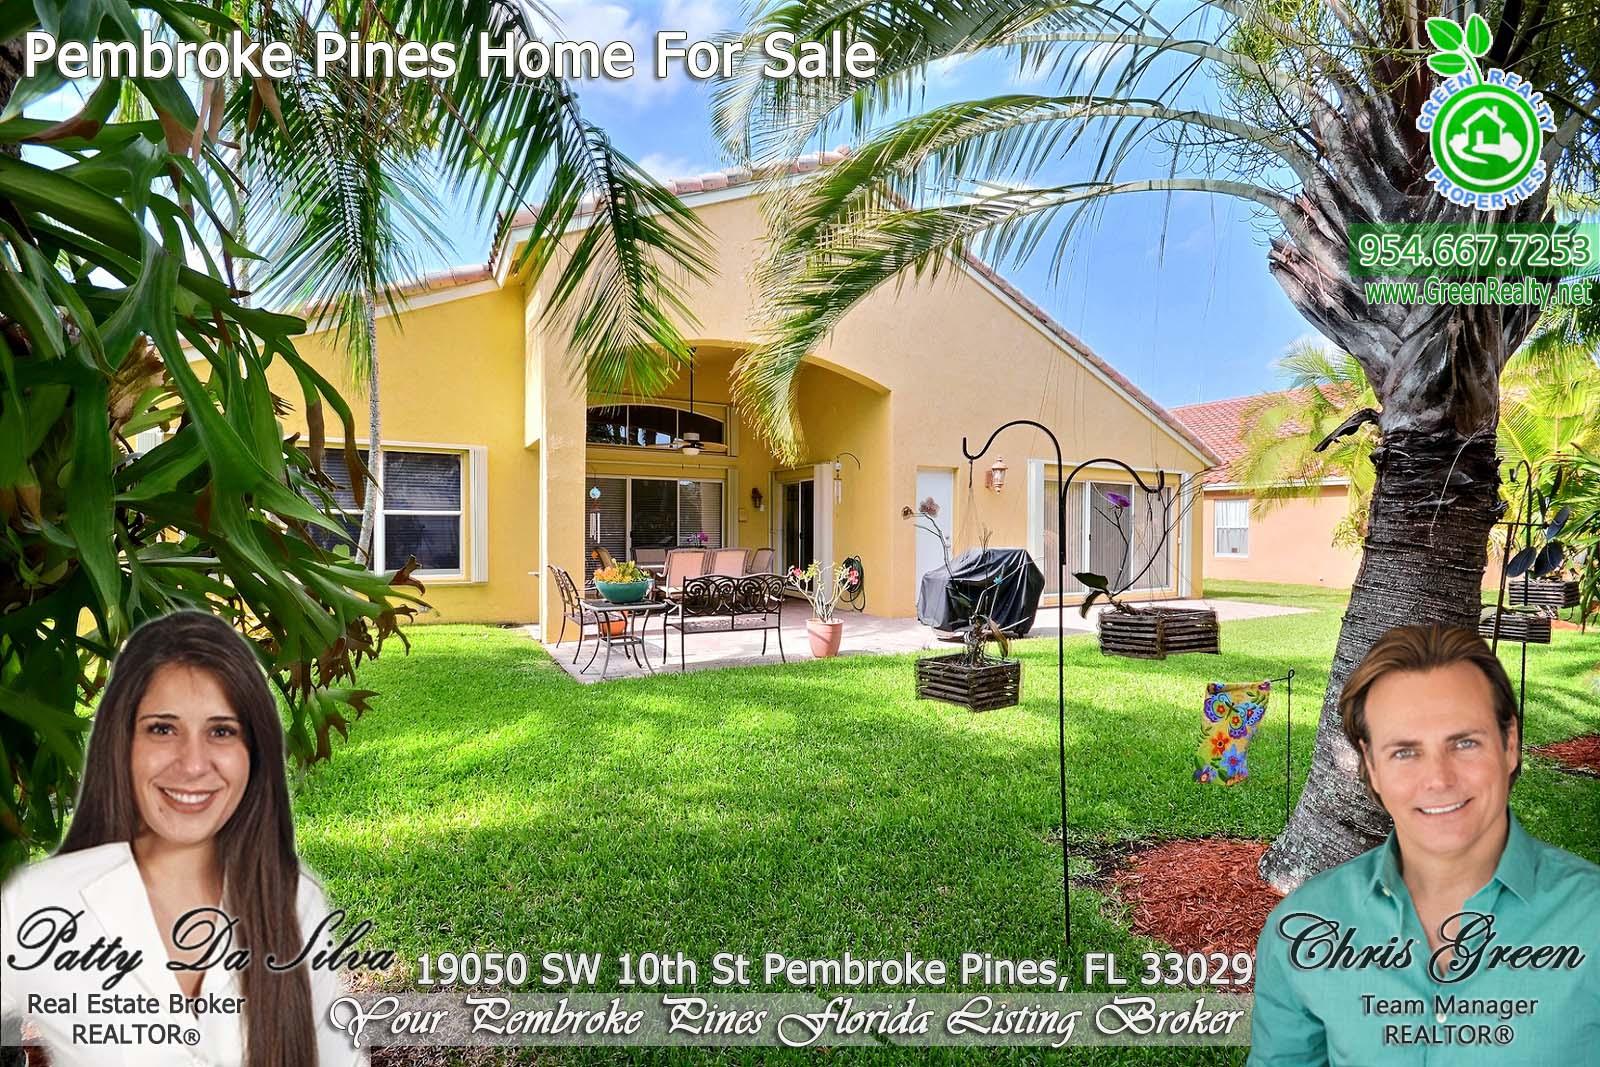 30 Encantada Homes For Sale on Pembroke Pines (5)